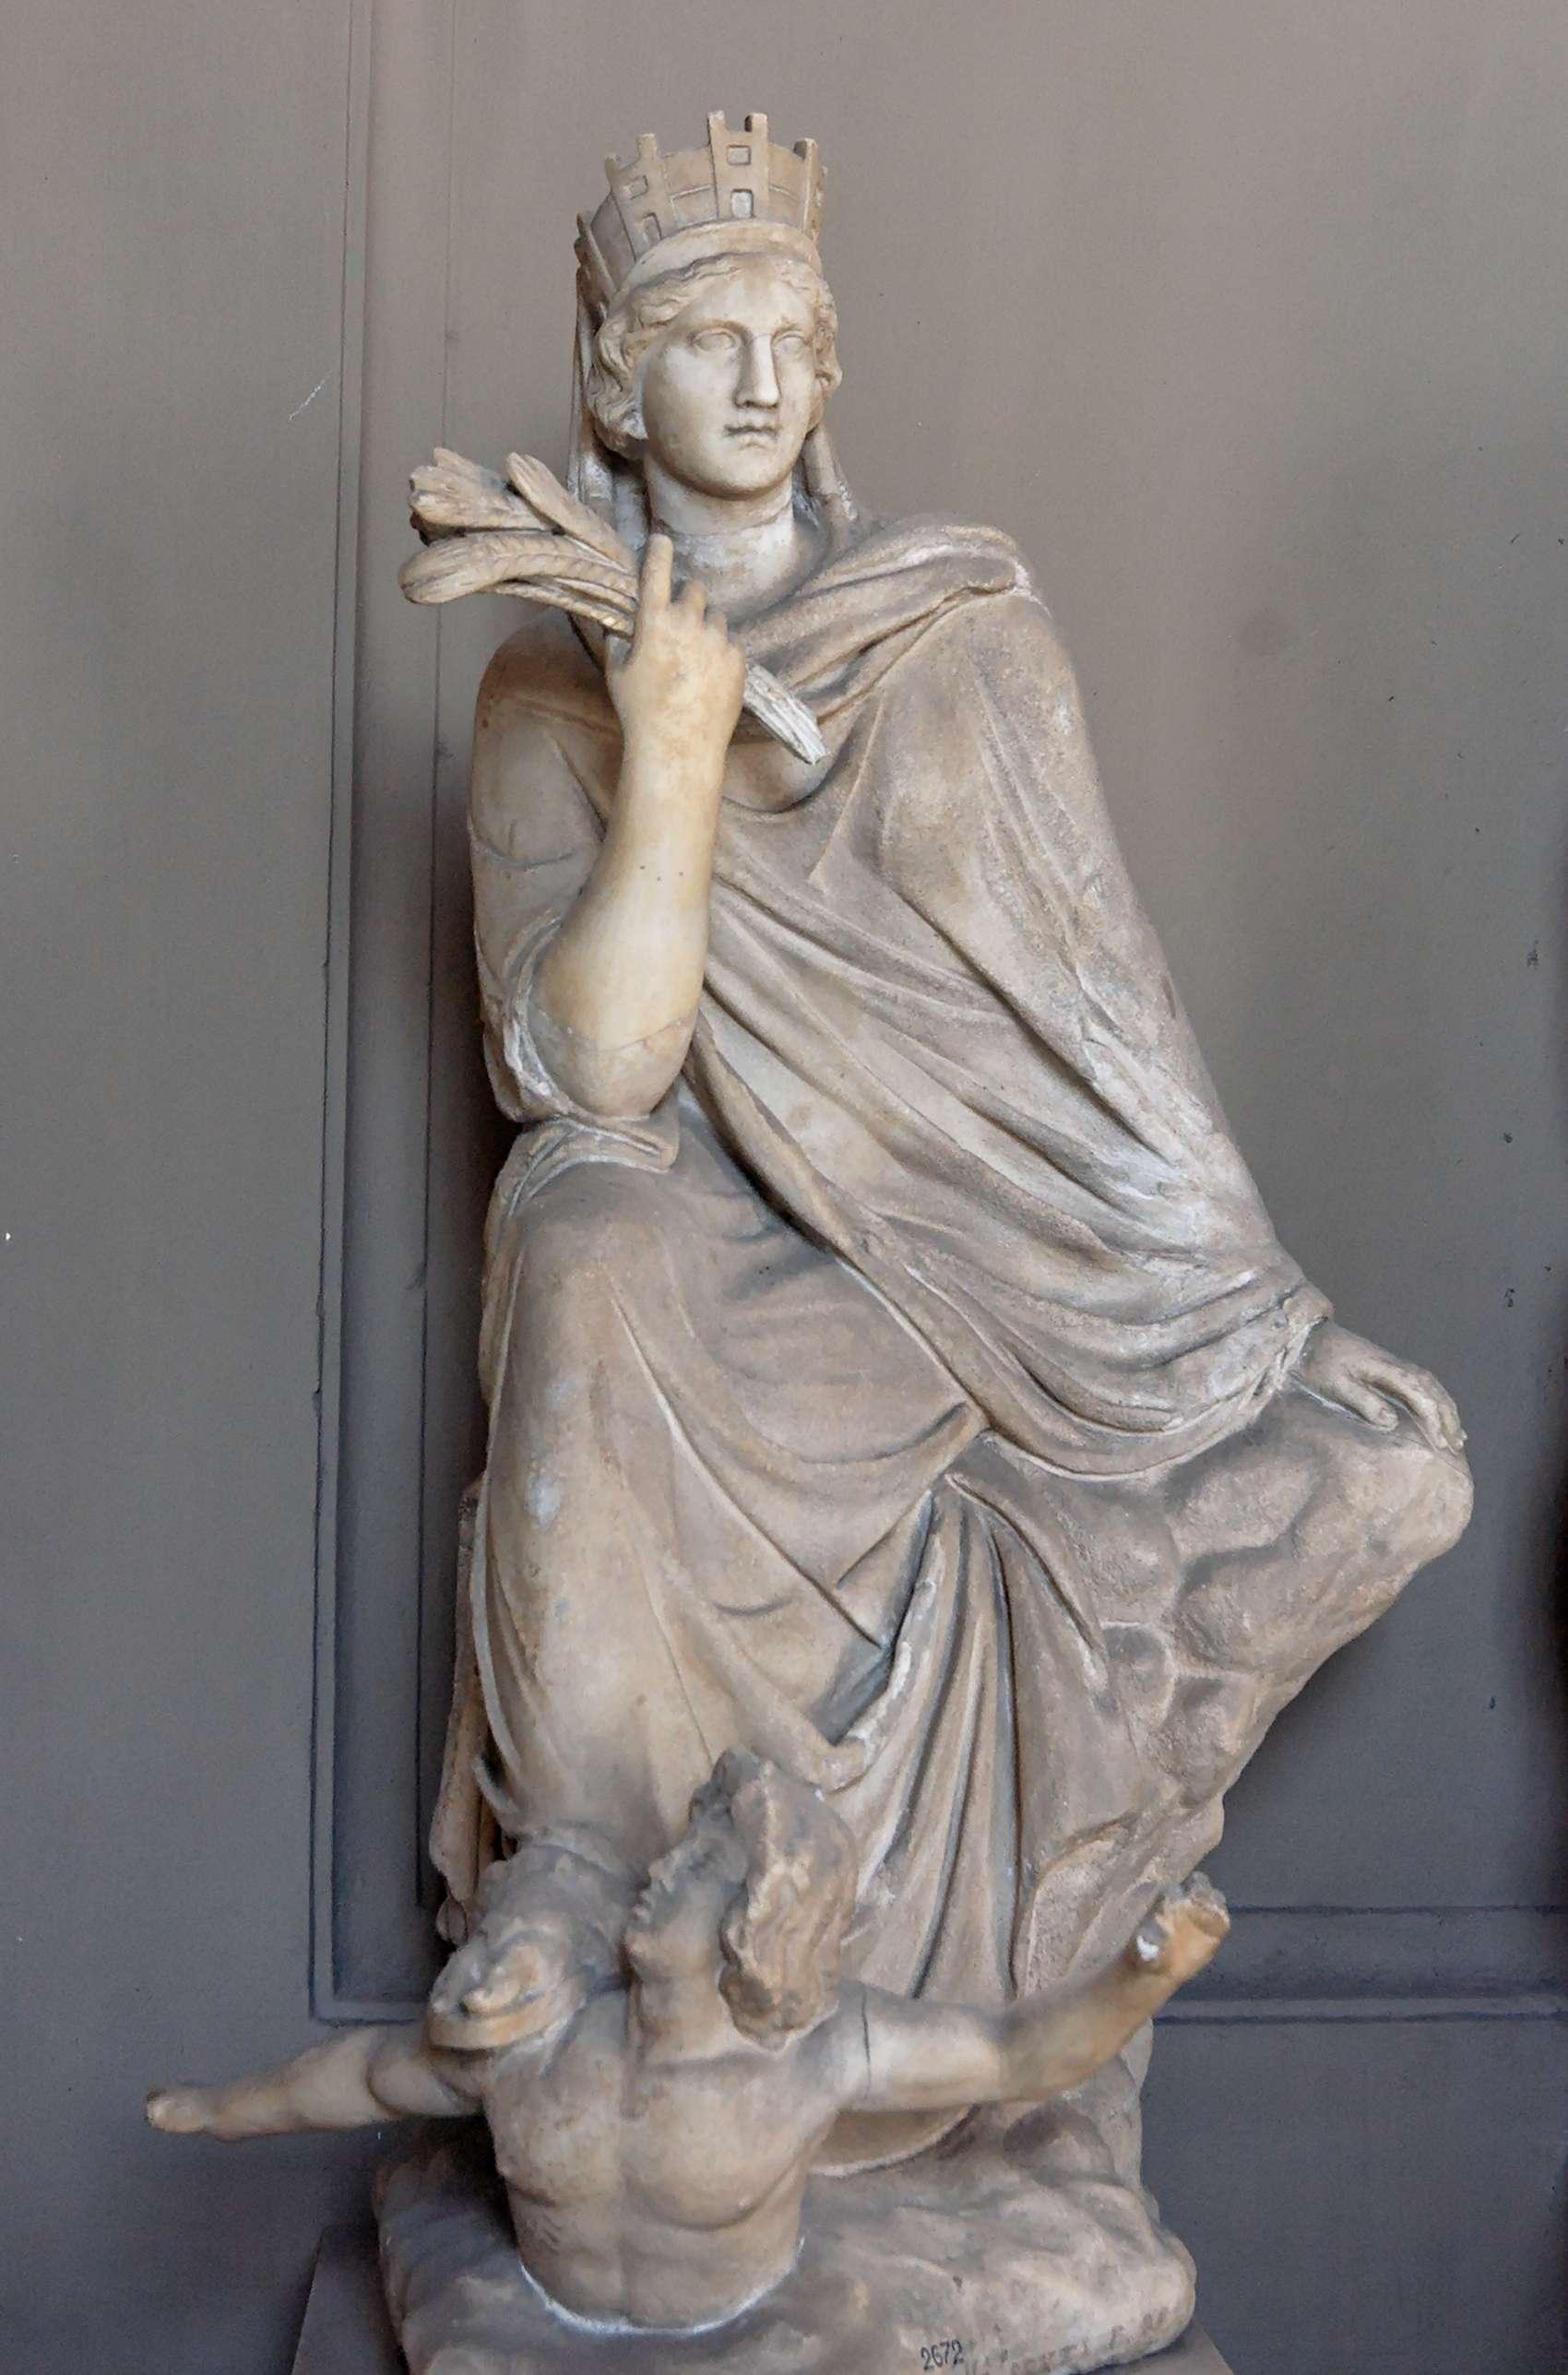 Η Τύχη είναι θεότητα της αρχαίας ελληνικής μυθολογίας, προσωποποίηση της ευμάρειας και του πλούτου μιας πόλης. Παριστάνονταν ως γυναίκα που κρατούσε συνήθως ενα μικρό παιδί, ένα στάχυ ή το κέρας της Αμαλθείας ως ένδειξη του πλούτου.